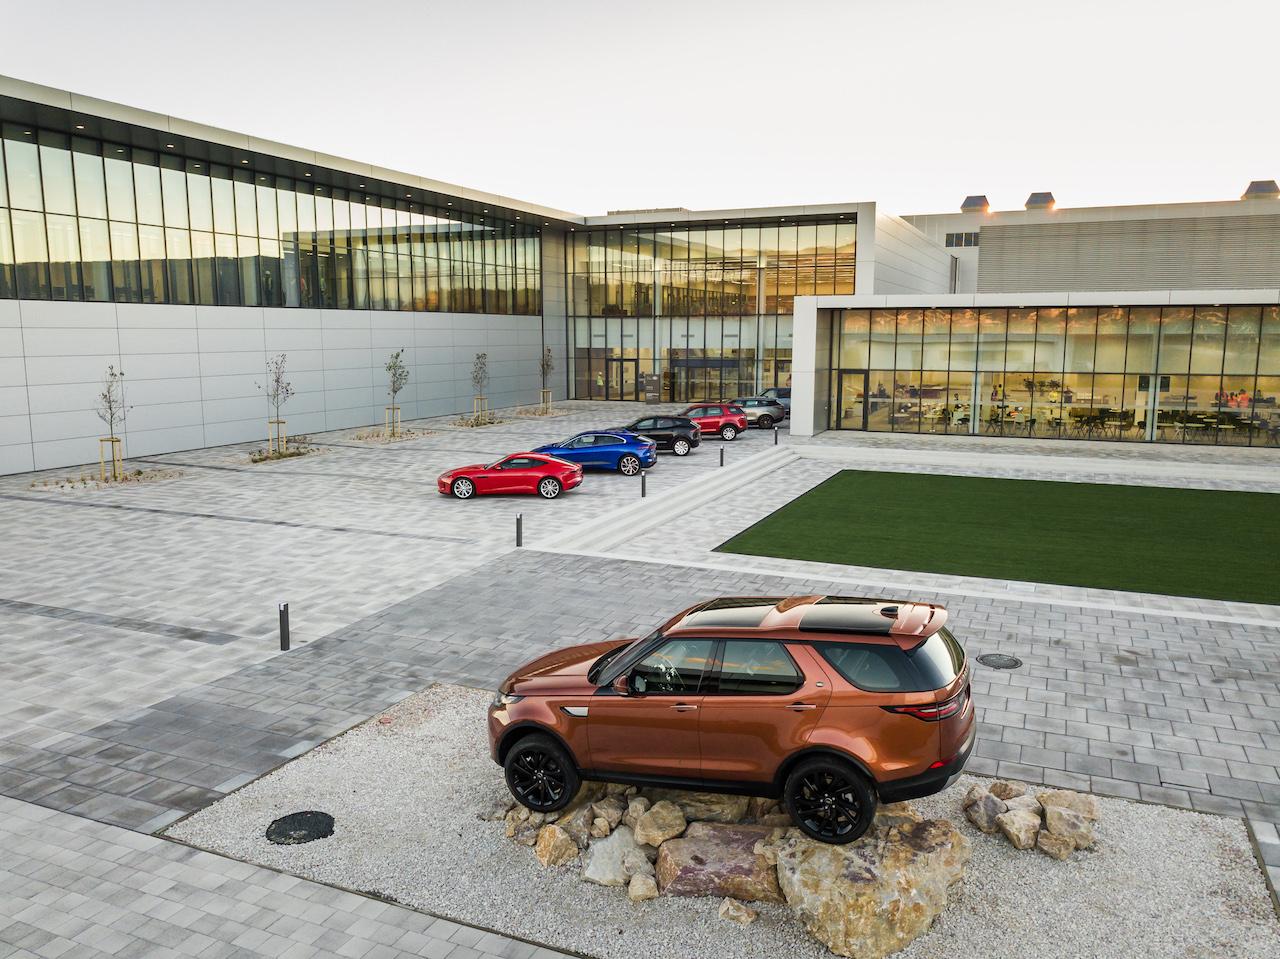 jaguar-land-rover-fabrica-nitra-eslovaquia-2